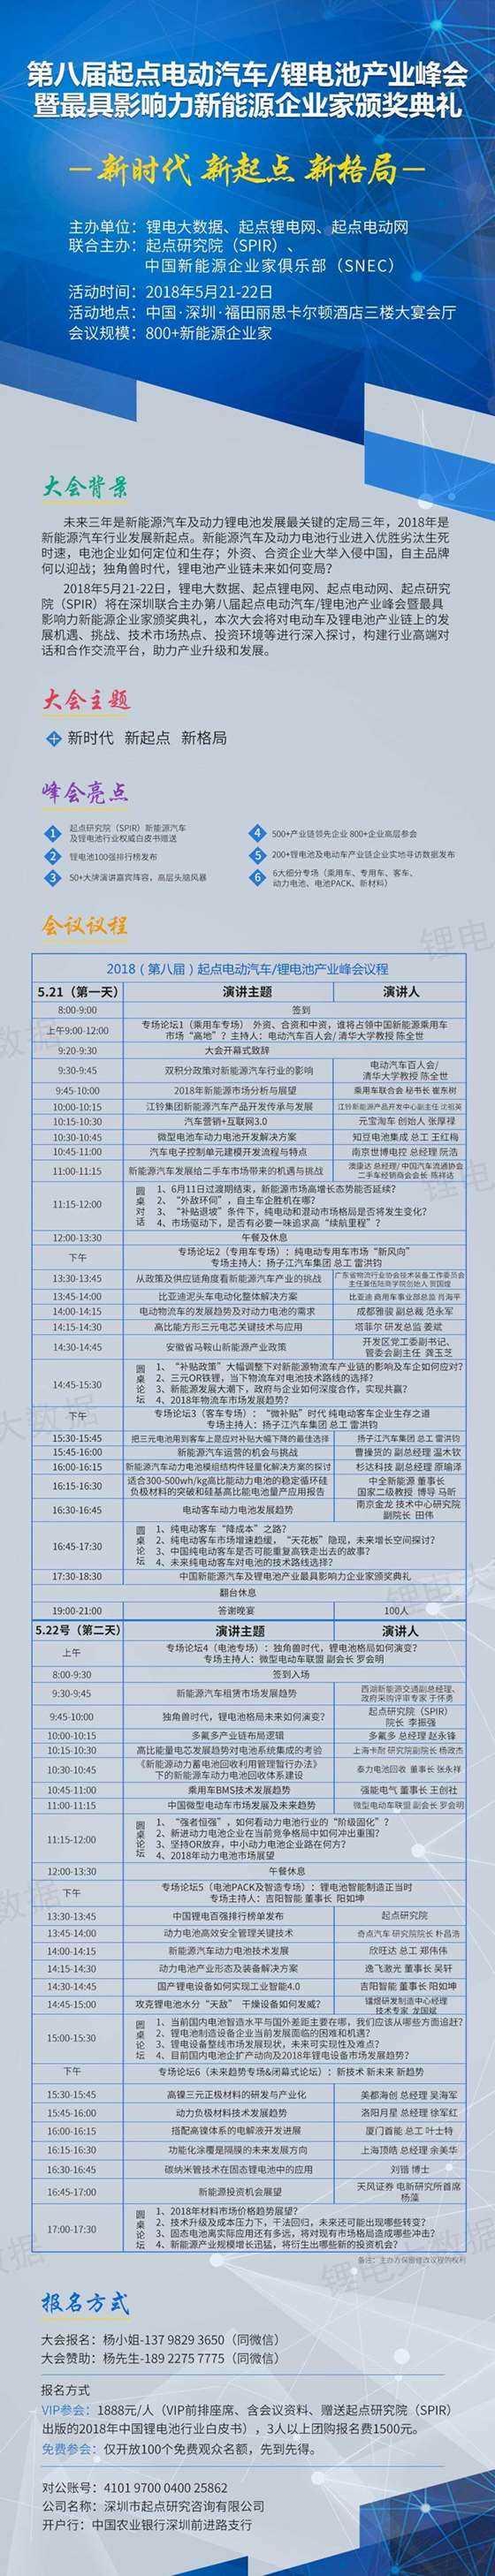 会议议程表改3(5).jpg